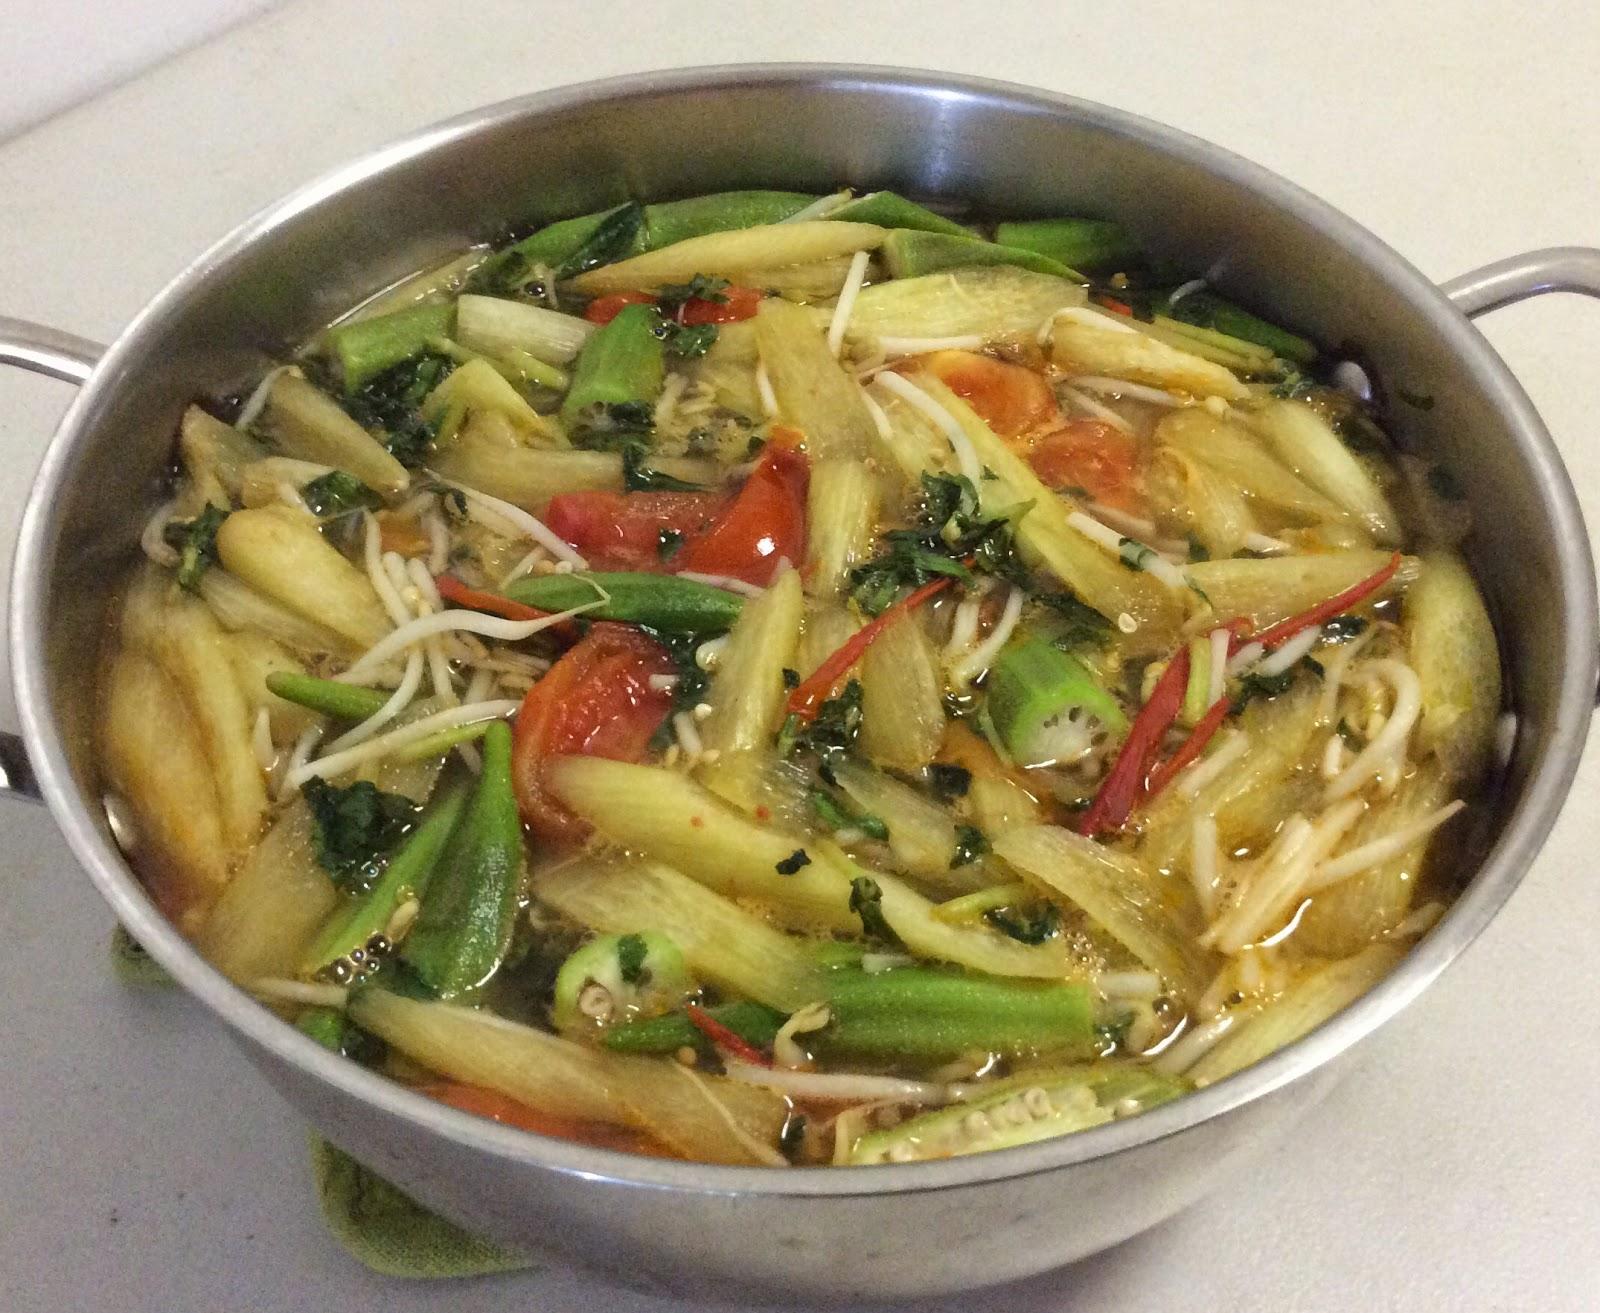 món ăn chay giảm cân - canh chua